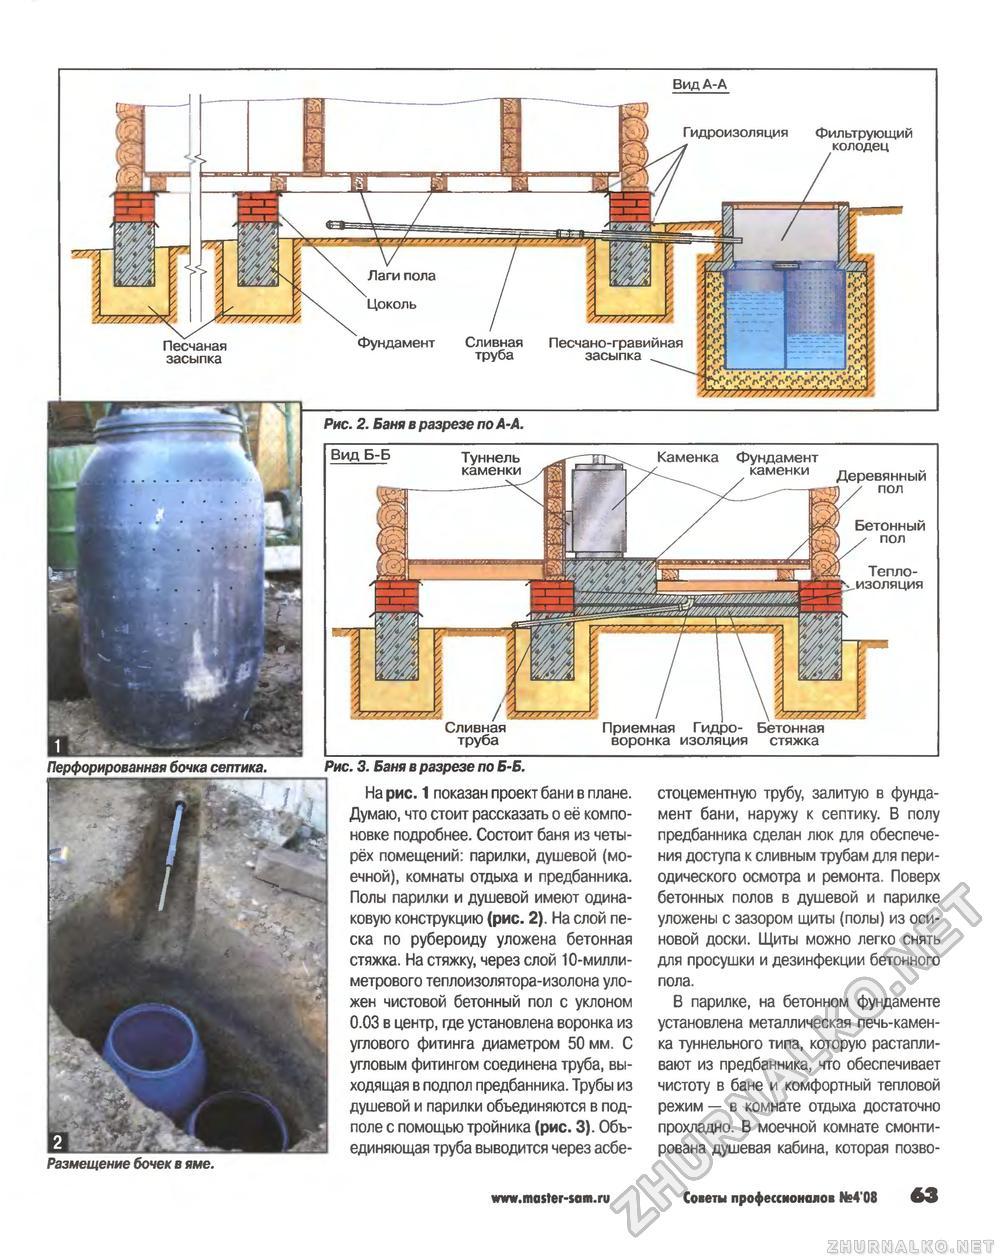 Как правильно сделать гидроизоляцию в бане из